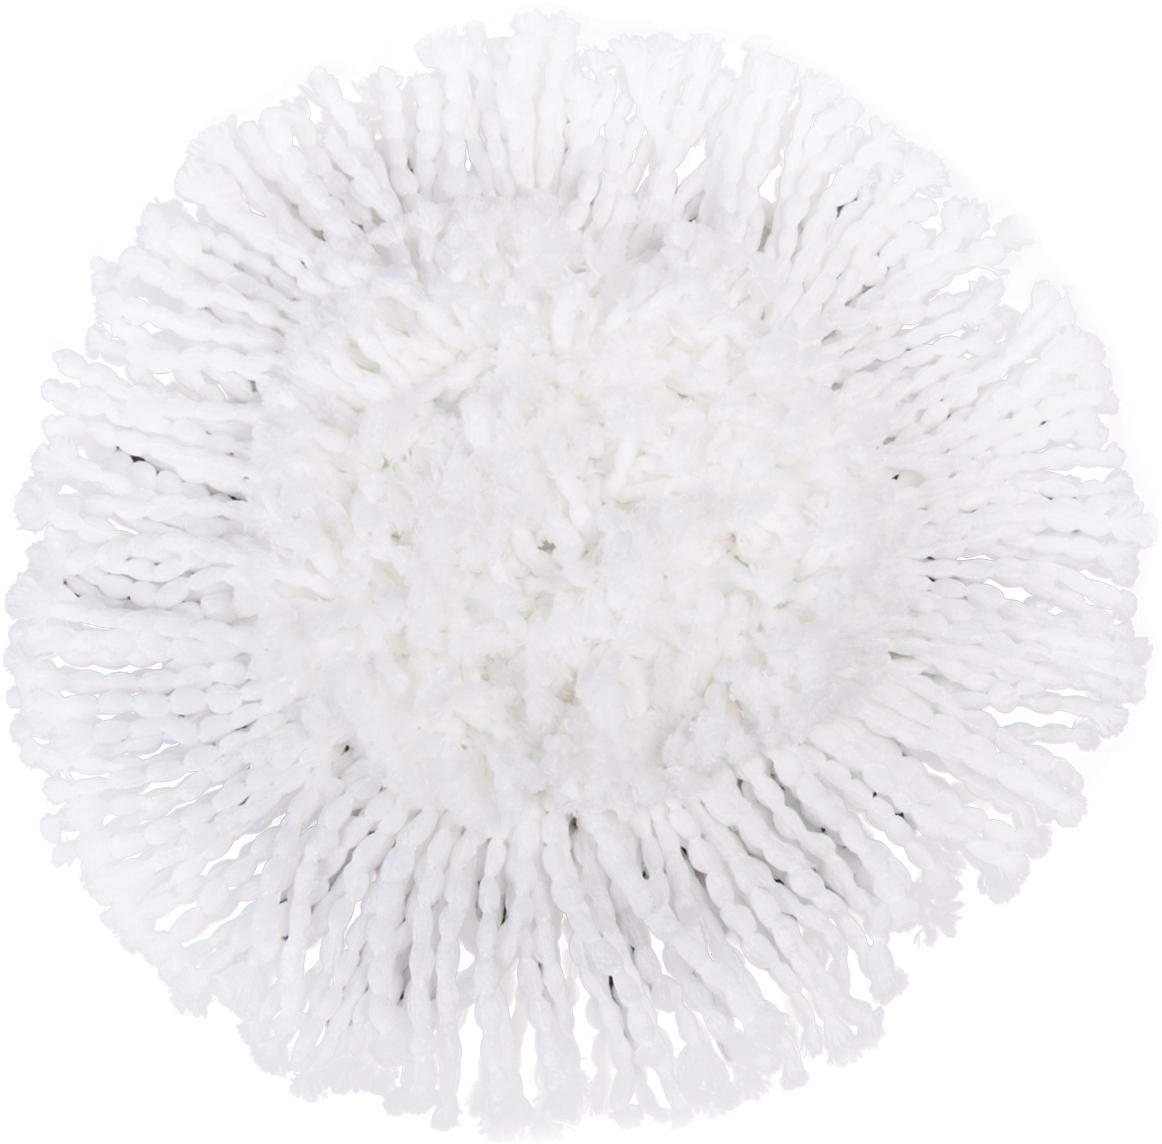 Насадка для швабры Лайма Моп, на липучке, цвет: белый, диаметр 16 см601487Круглая насадка с длинным ворсом Лайма предназначена для проведения влажной уборки. Используется со шваброй из набора для уборки. Изготовлена из микрофибры, крепится к держателю швабры на липучку.